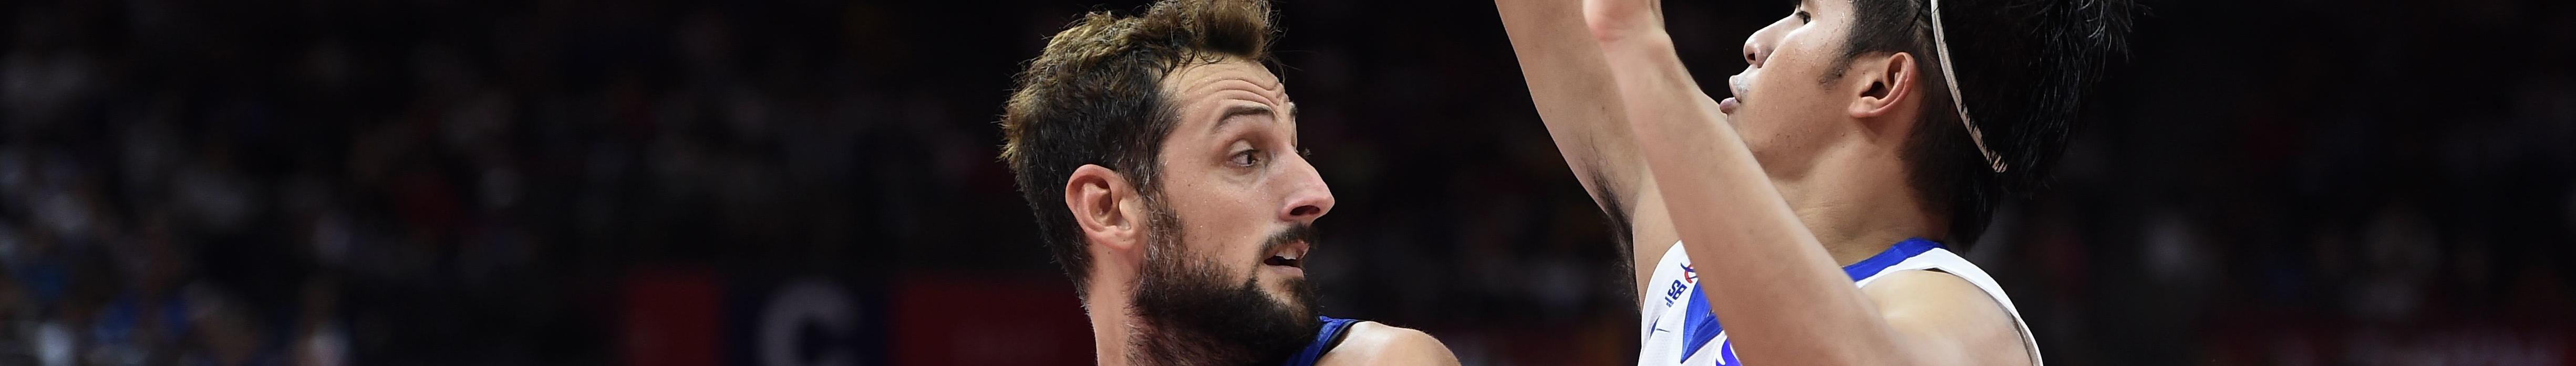 Basket, Italia-Angola: gli azzurri in campo per un doppio obiettivo